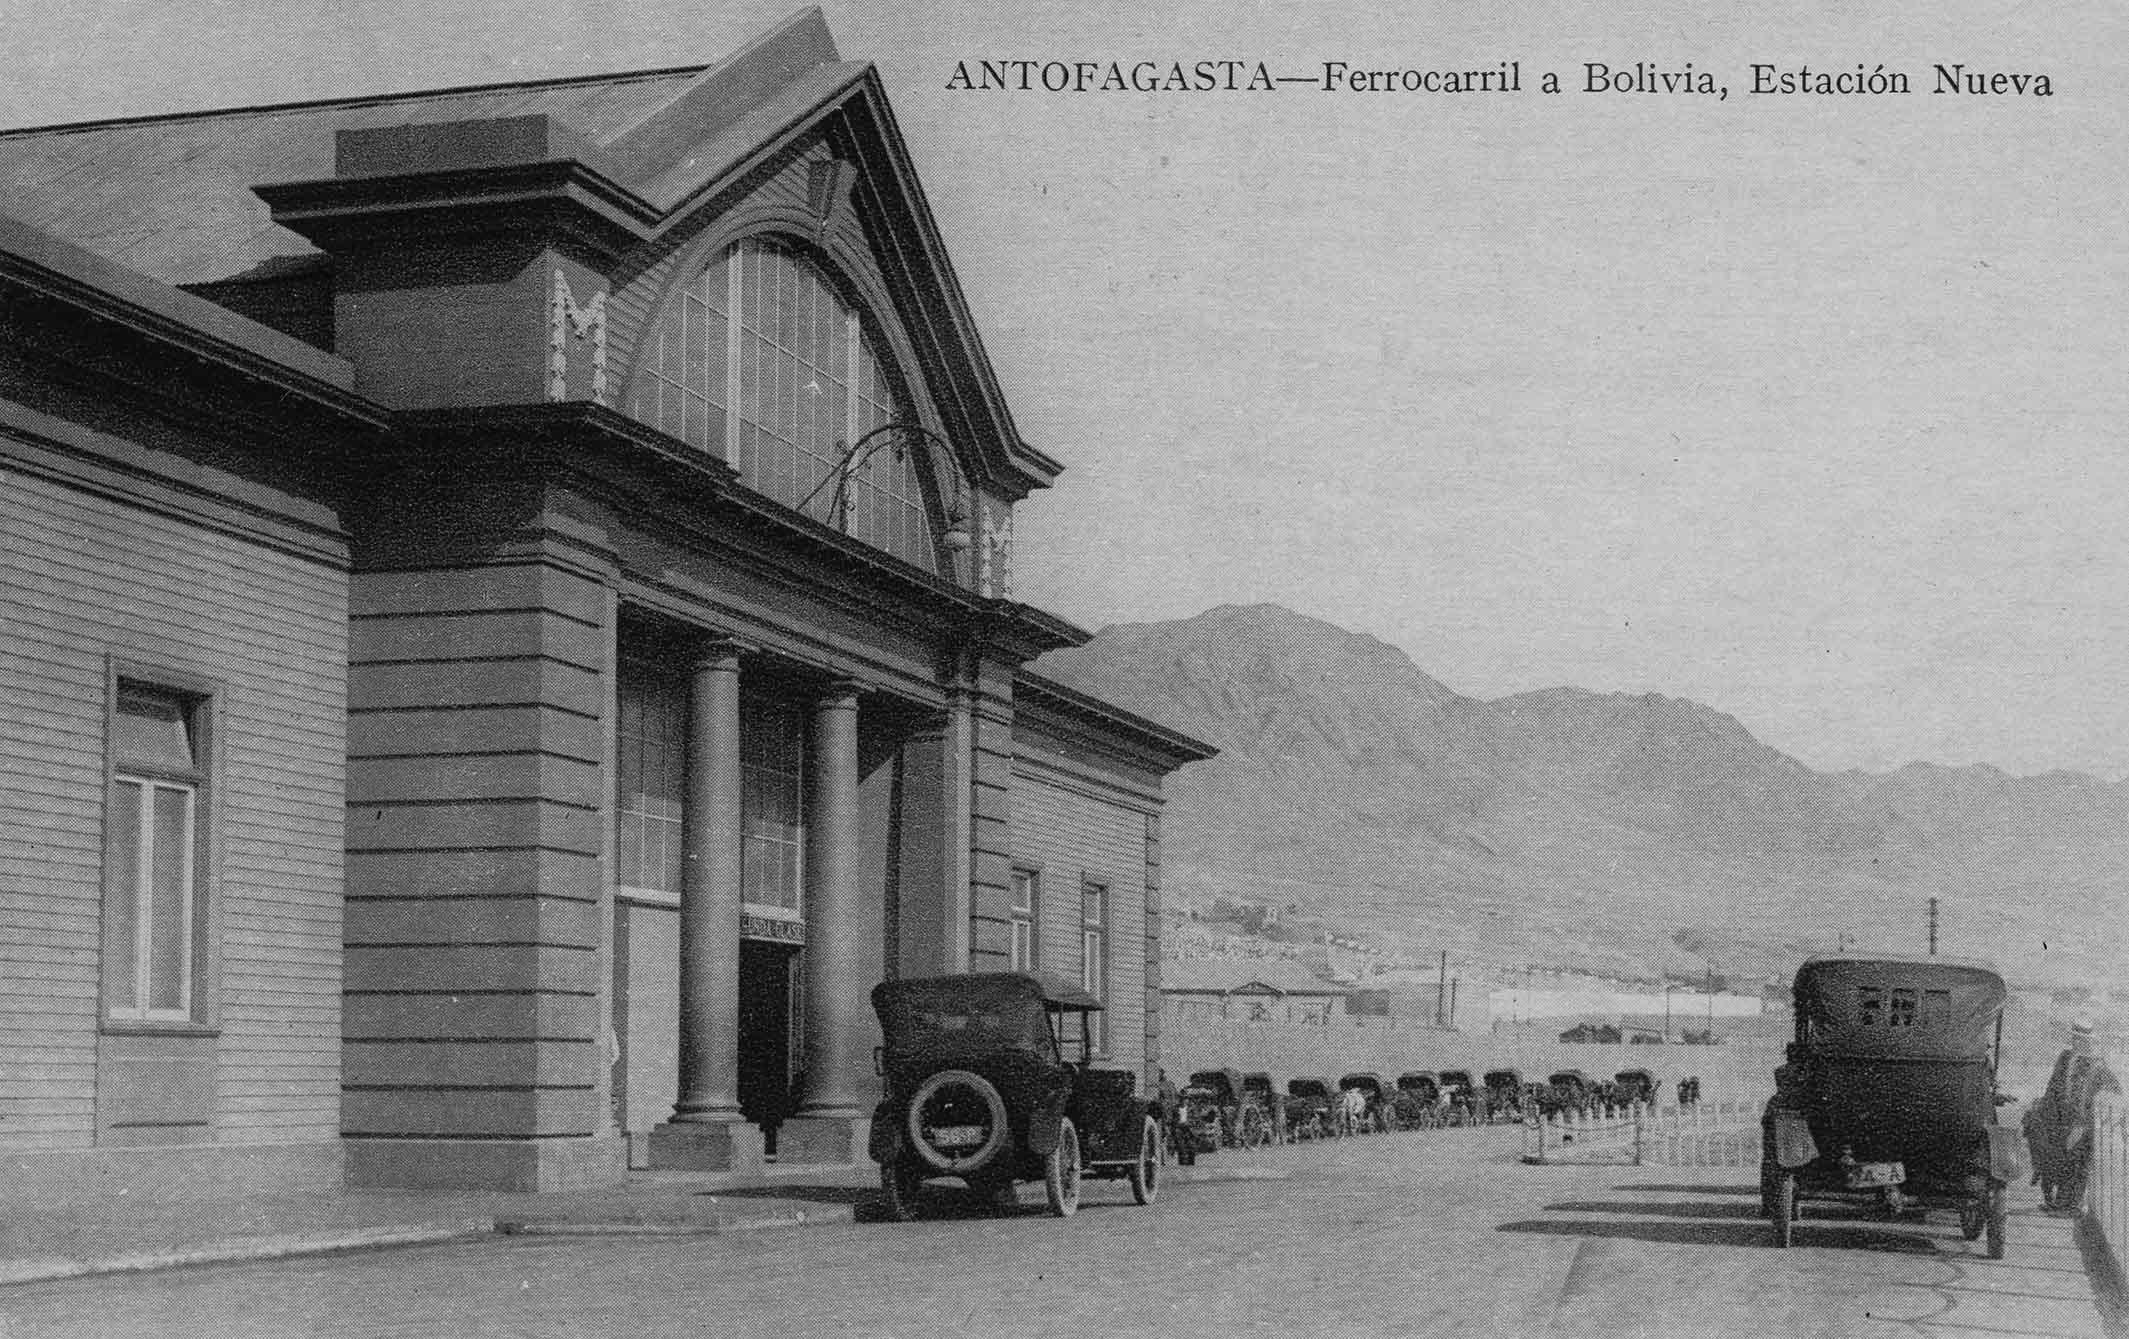 Enterreno - Fotos históricas de chile - fotos antiguas de Chile - Estación de Ferrocarril a Bolivia, Antofagasta ca. 1920